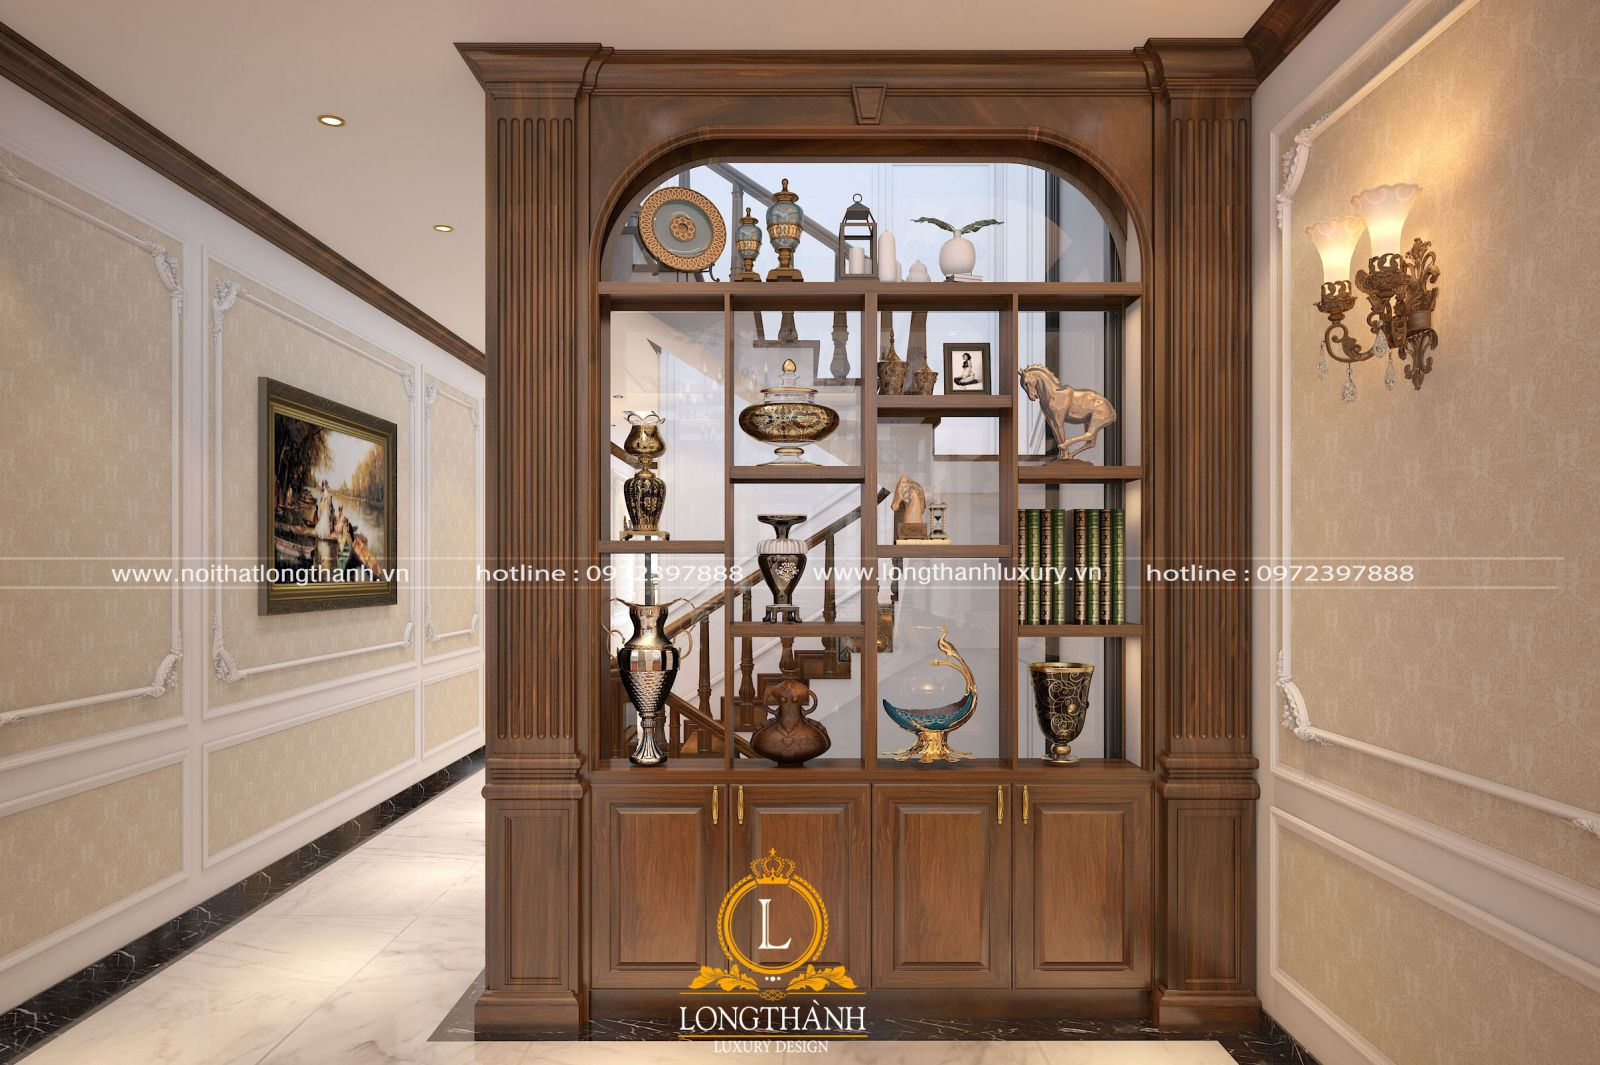 Vách ngăn được thiết kế thành tủ trang trí tiện lợi